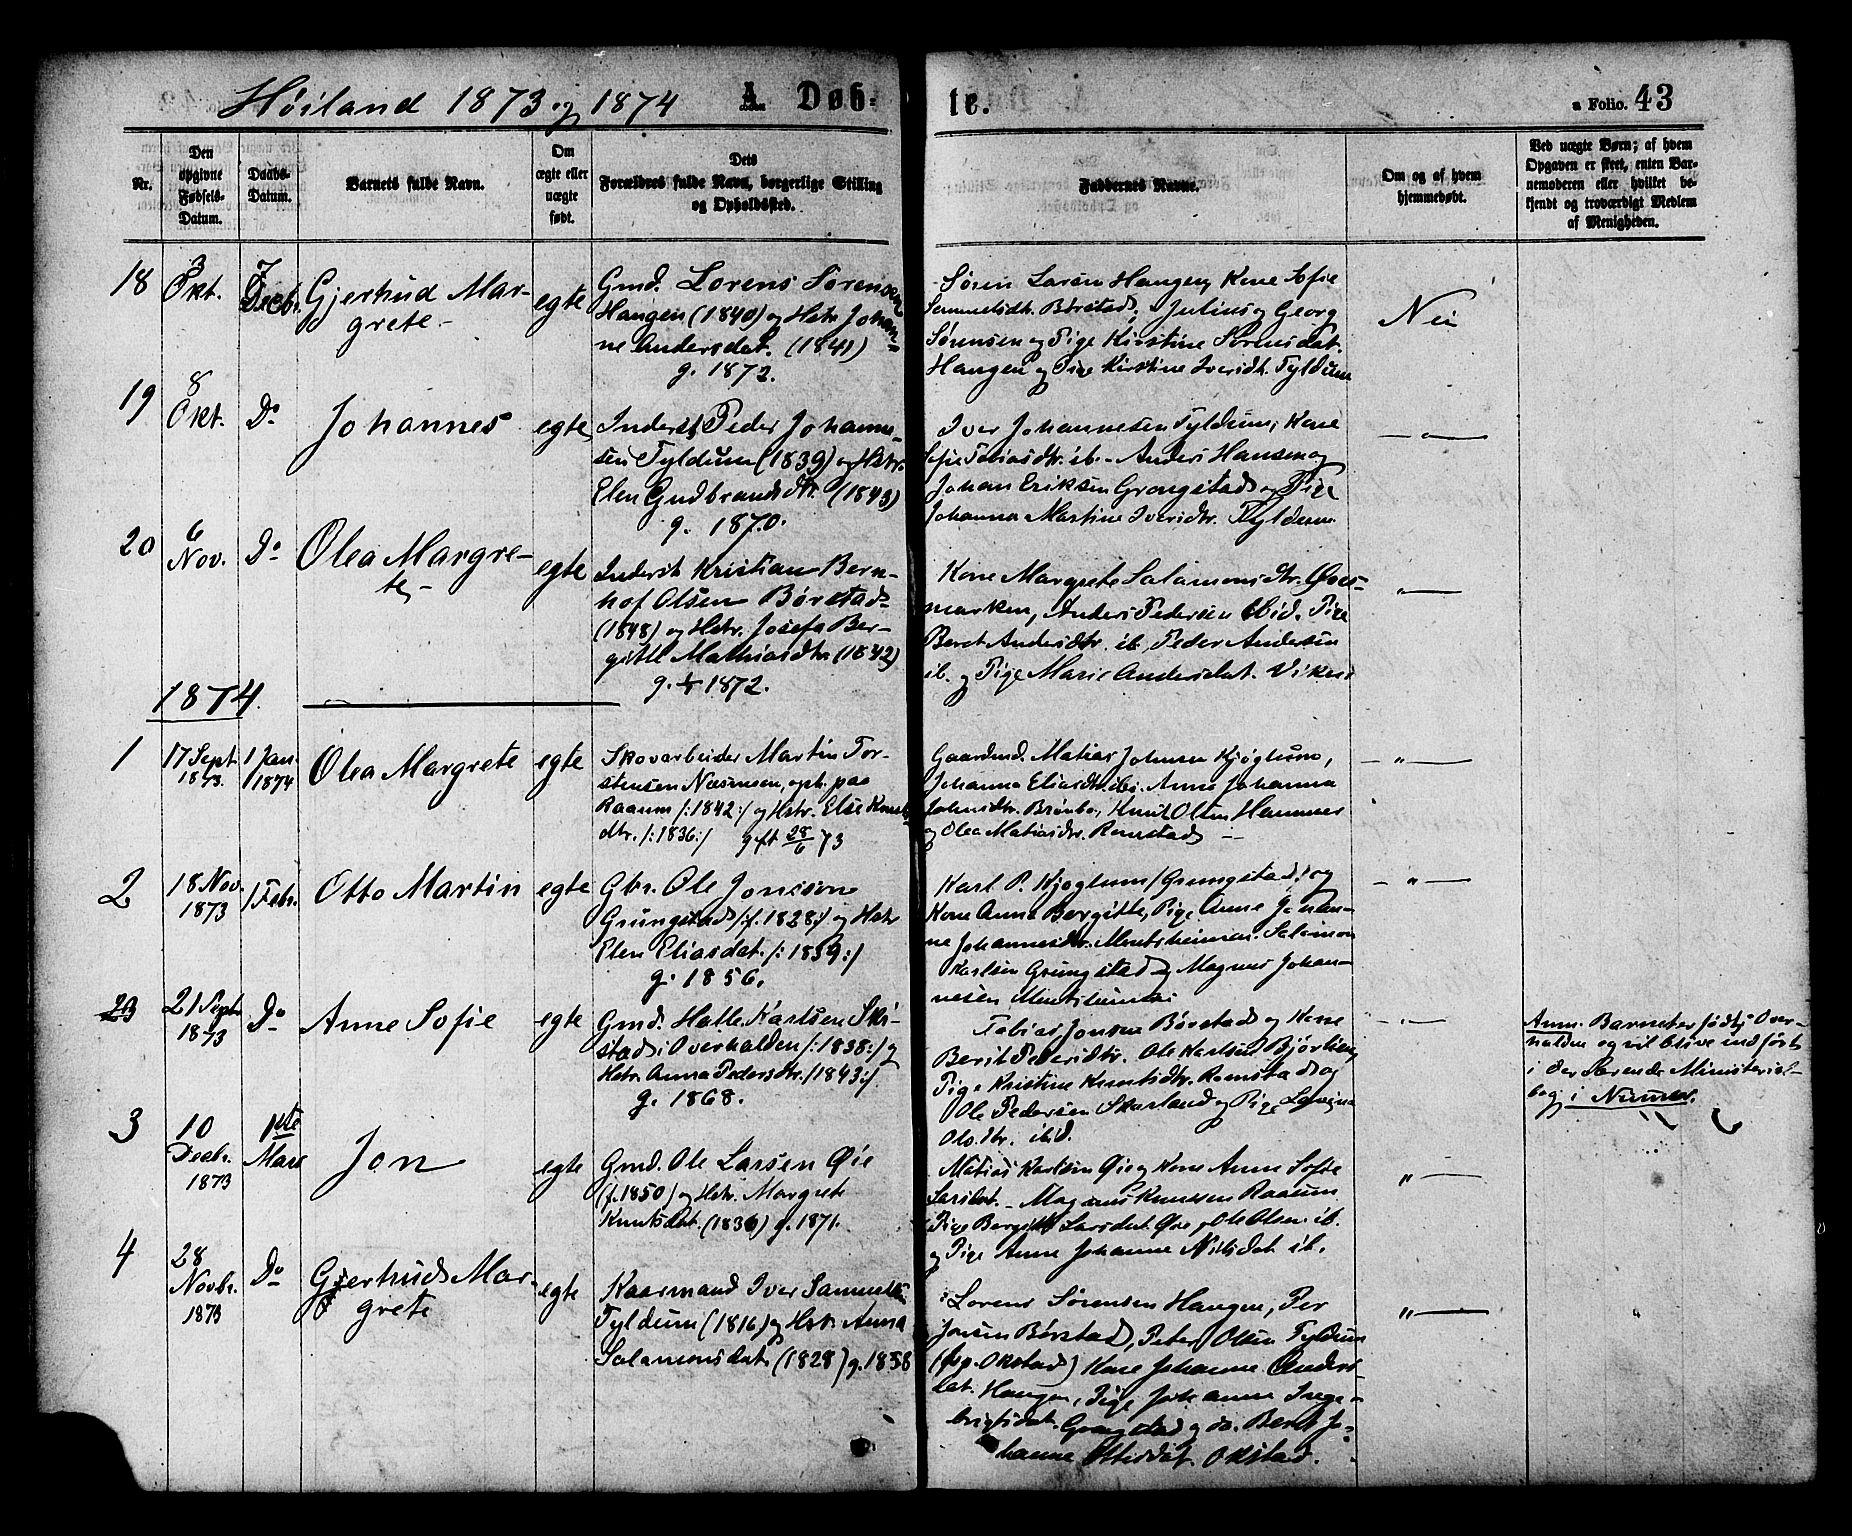 SAT, Ministerialprotokoller, klokkerbøker og fødselsregistre - Nord-Trøndelag, 758/L0516: Ministerialbok nr. 758A03 /2, 1869-1879, s. 43